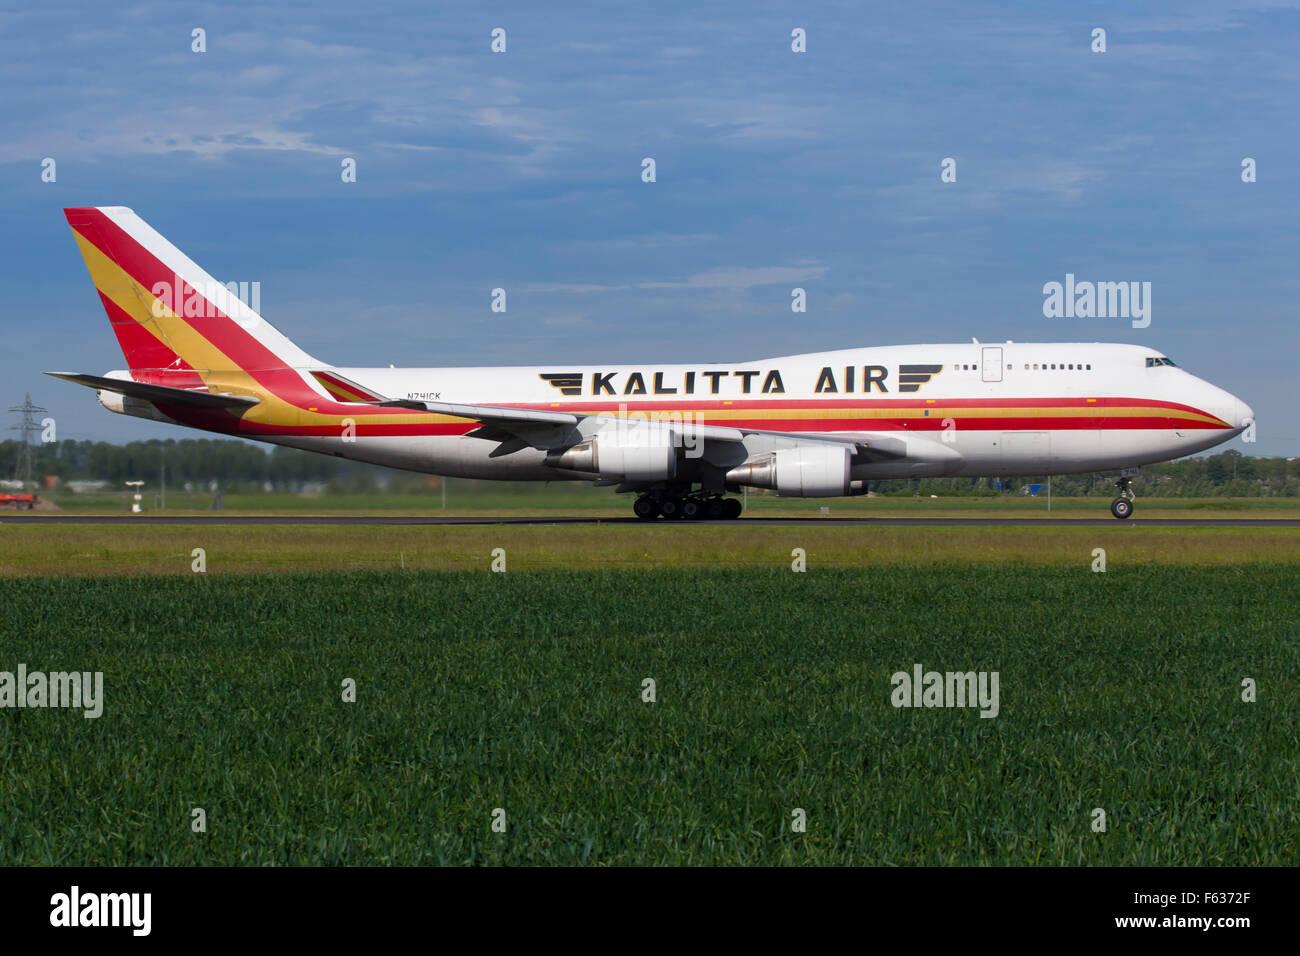 Kalitta Air Boeing 747 Freighter Cargo